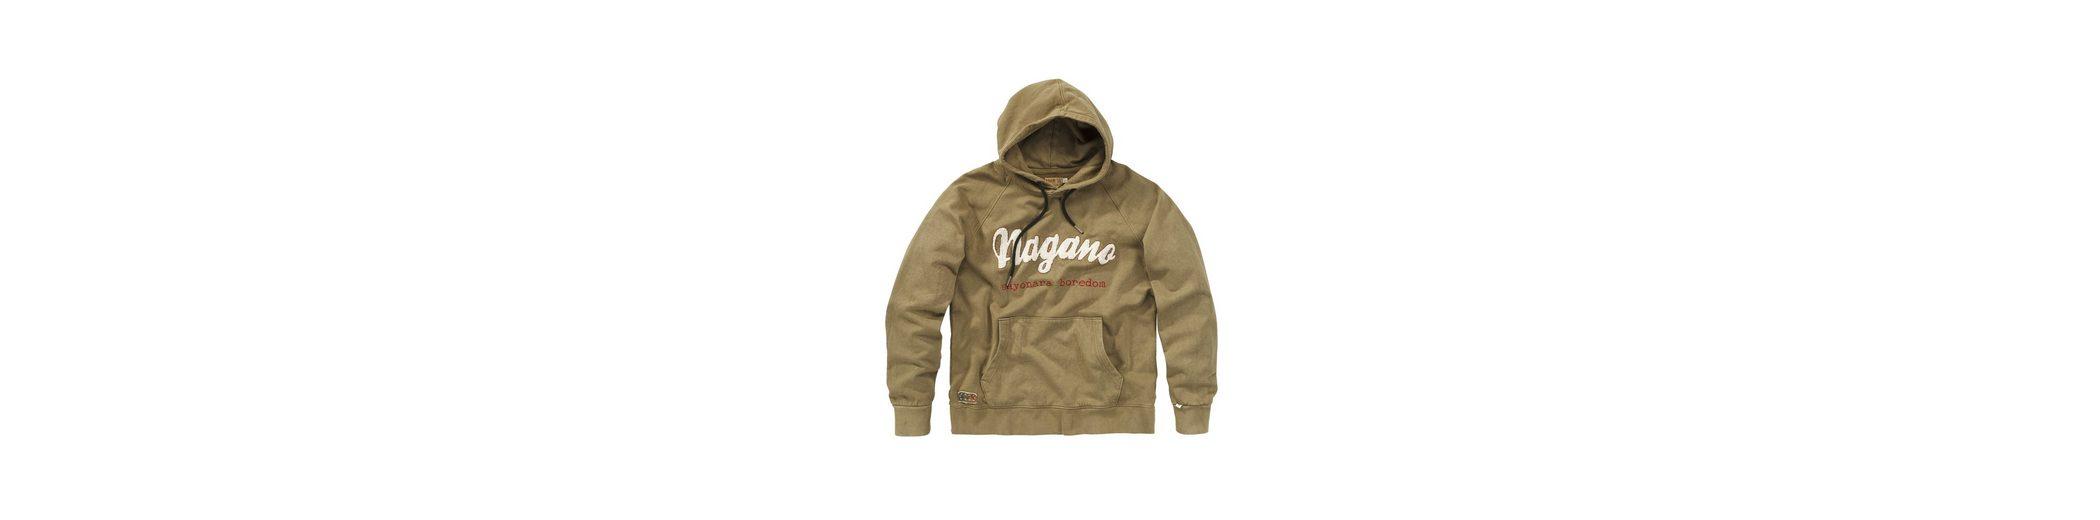 Verkauf Großer Diskont Verkauf Extrem NAGANO Kapuzensweatshirt mit Stickerei KAPPU kWzYb3tfM